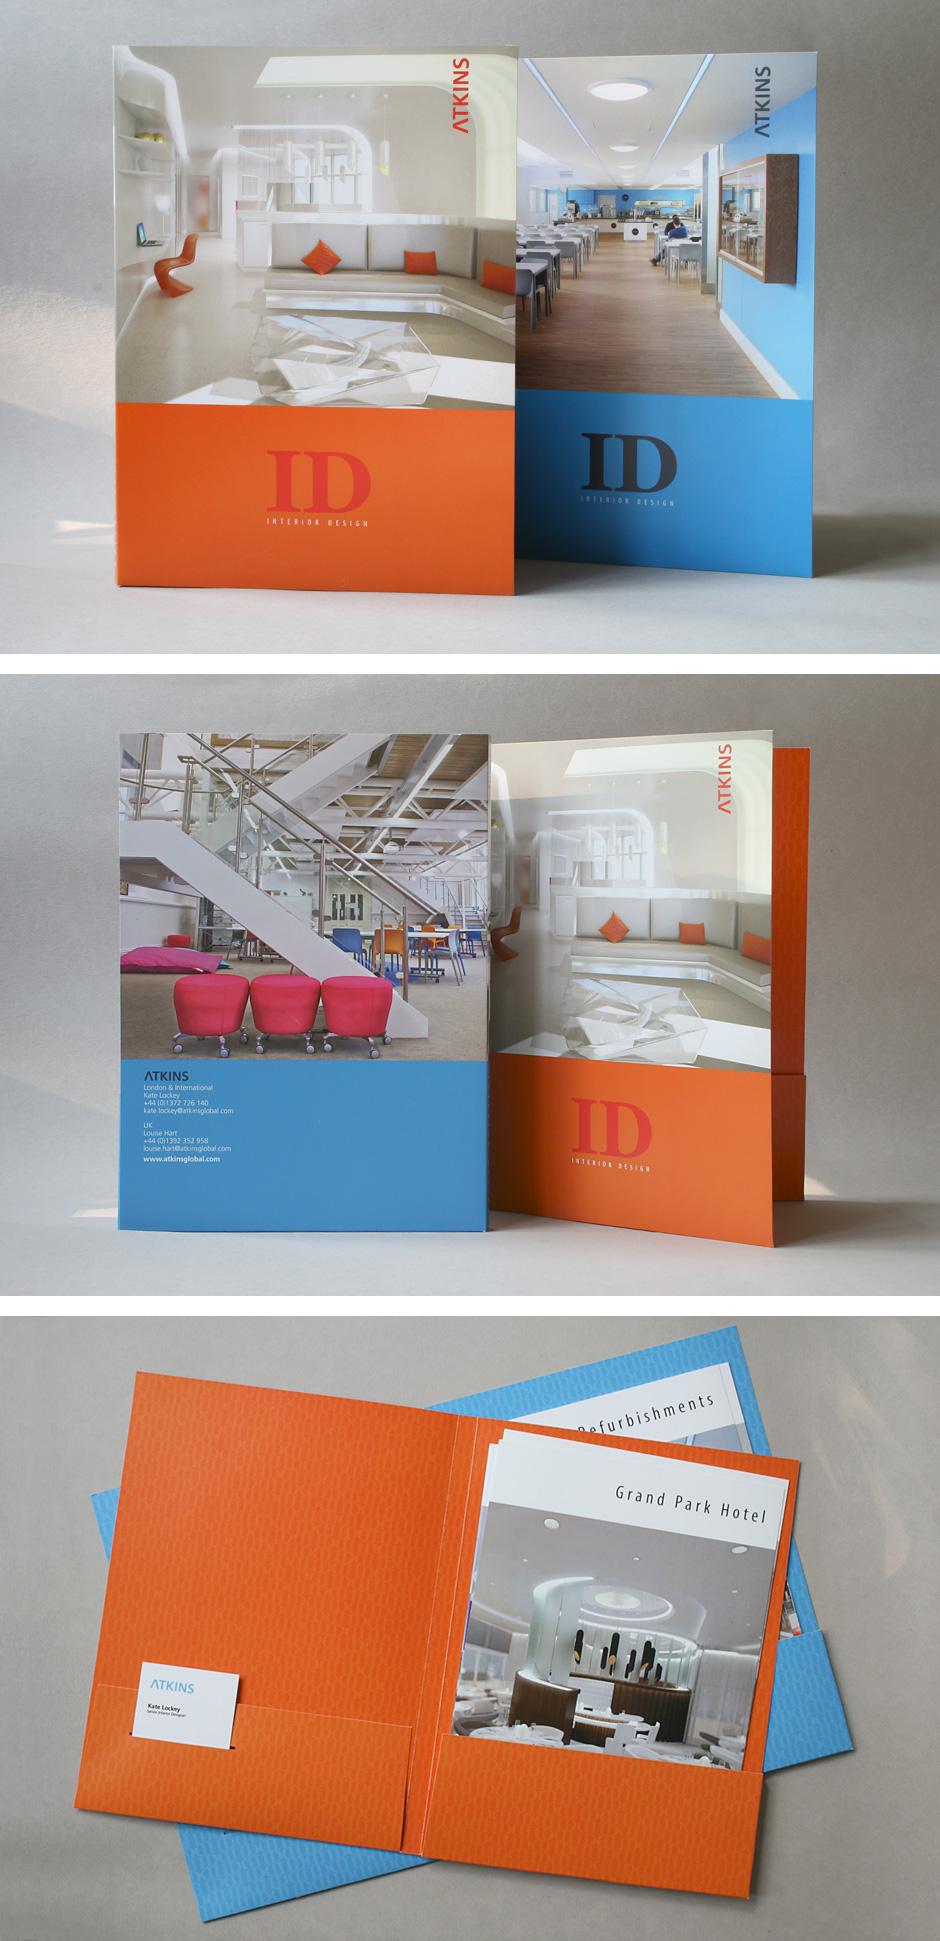 ID_brochures_1